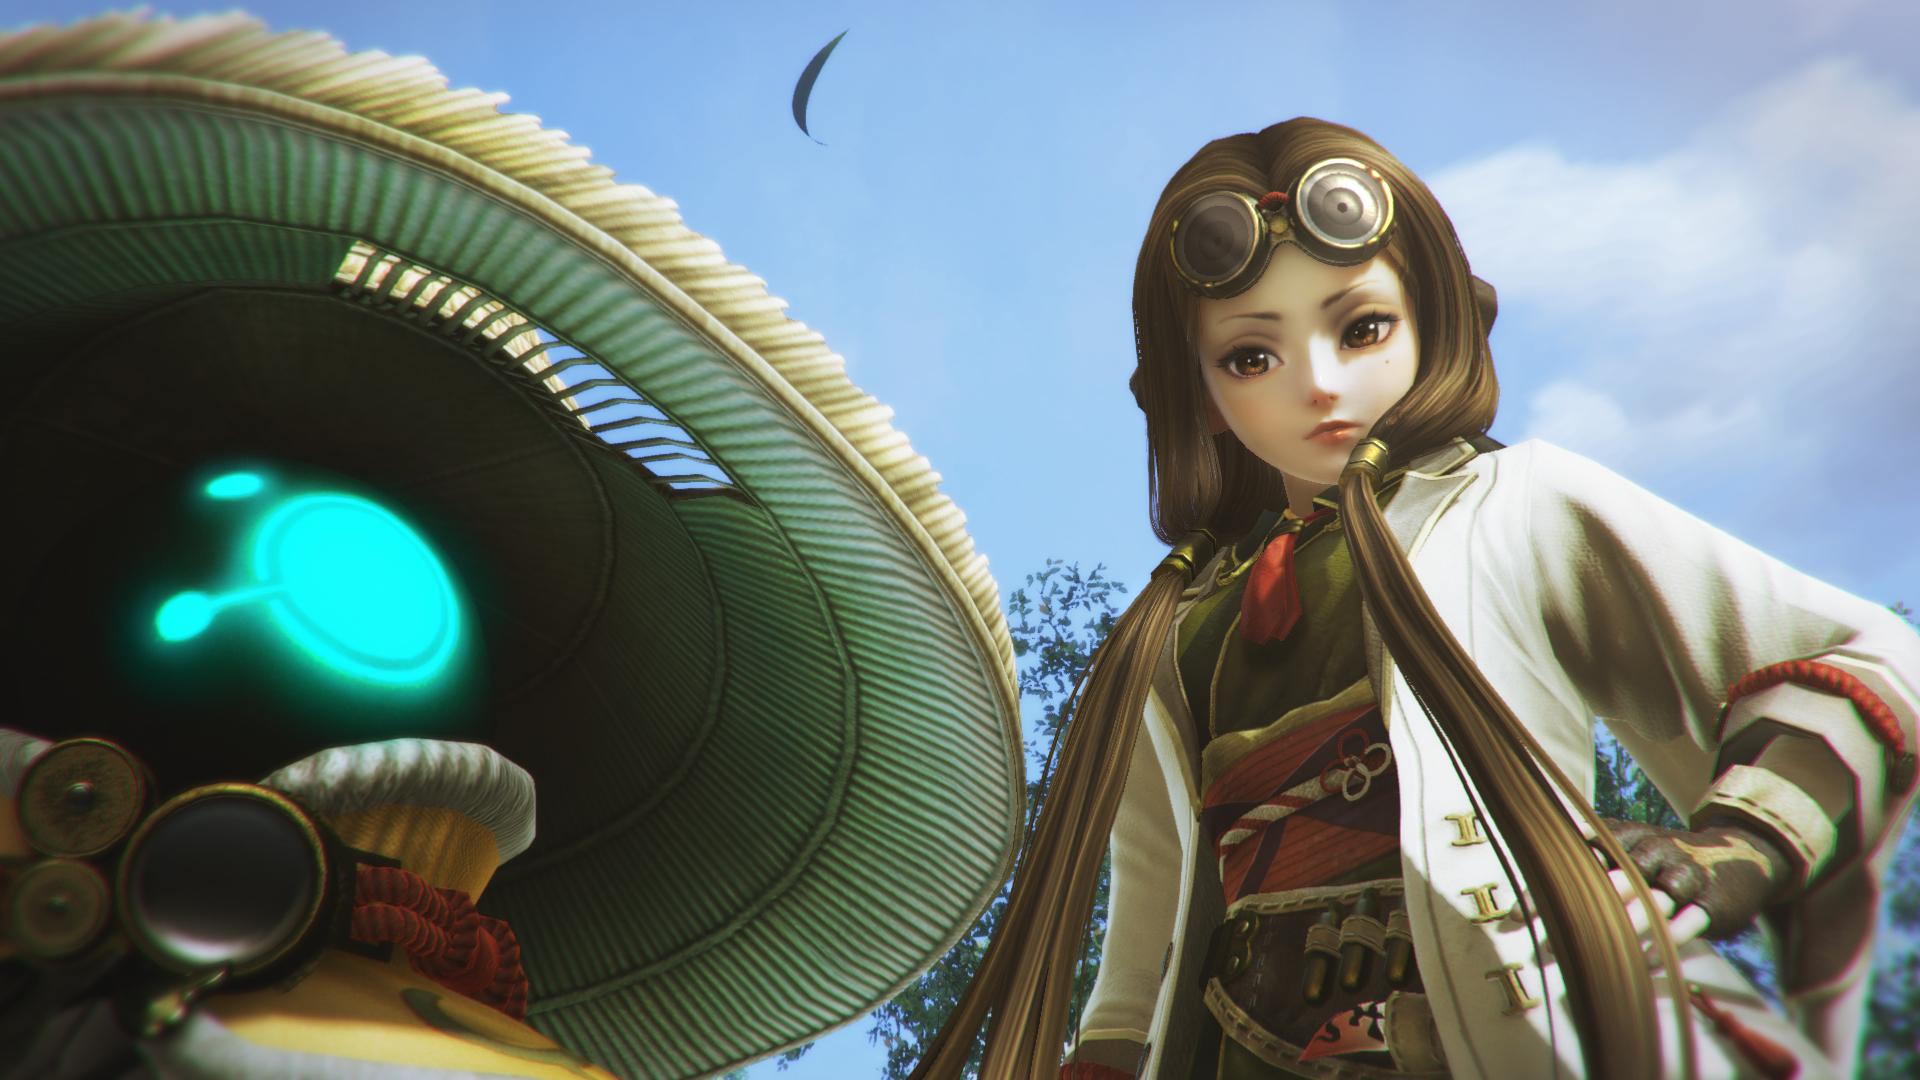 """光荣特库摩最近公布了《讨鬼传2》的一批新截图和信息,本作预计3月21日登陆北美PS4、PSV和PC平台。 本次公布的两段新视频分别演示了游戏中的强力武器。其中一个视频详细演示了剑盾组合,如果运用得当可以在战斗中发挥强大的作用。玩家成功讨伐boss以后将会获得升级素材,强化武器装备。 另外厂商再次介绍了《讨鬼传2》的剧情设定: """"在《讨鬼传2》的战乱世界中,Mahoroba是一个外表平静祥和的村子,但村子内部却暗流涌动。村落中有两大势力,分别是武士和禁军,虽然他们的任务都是保护巫女神乐,但两大"""